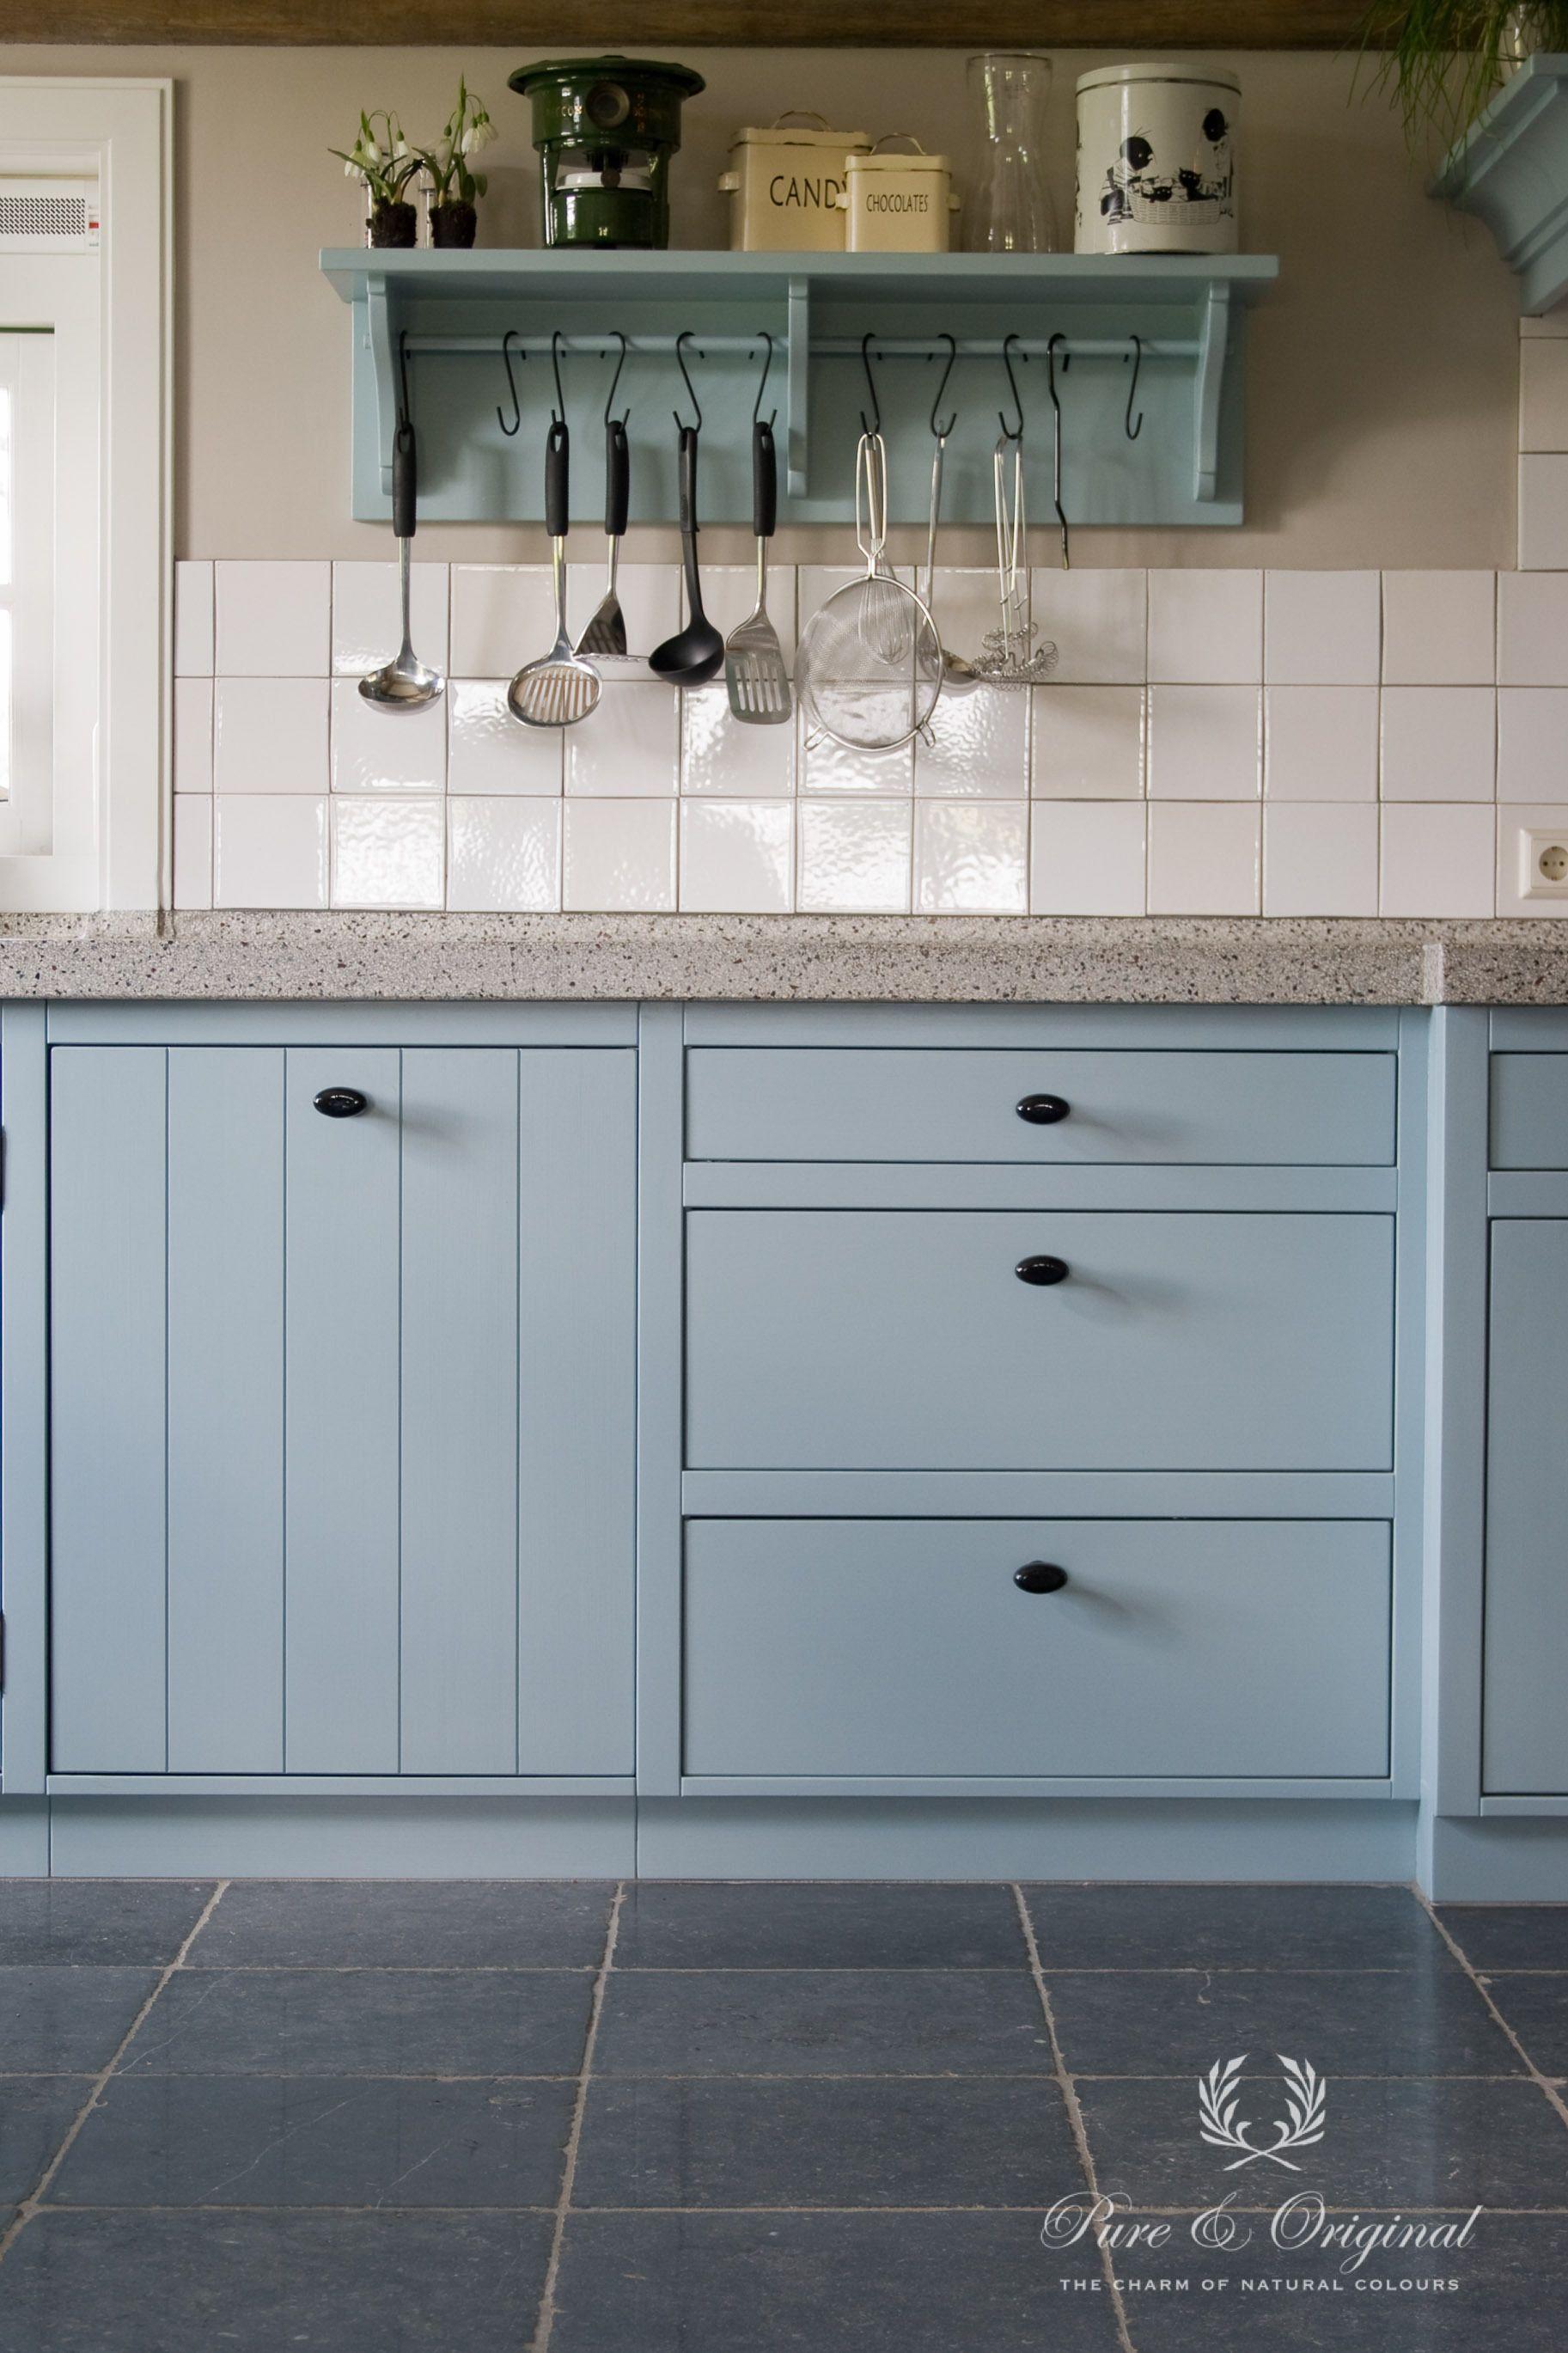 Lacke & Bodenfarbe | Küche | Pinterest | Bodenfarbe, Küche und ...